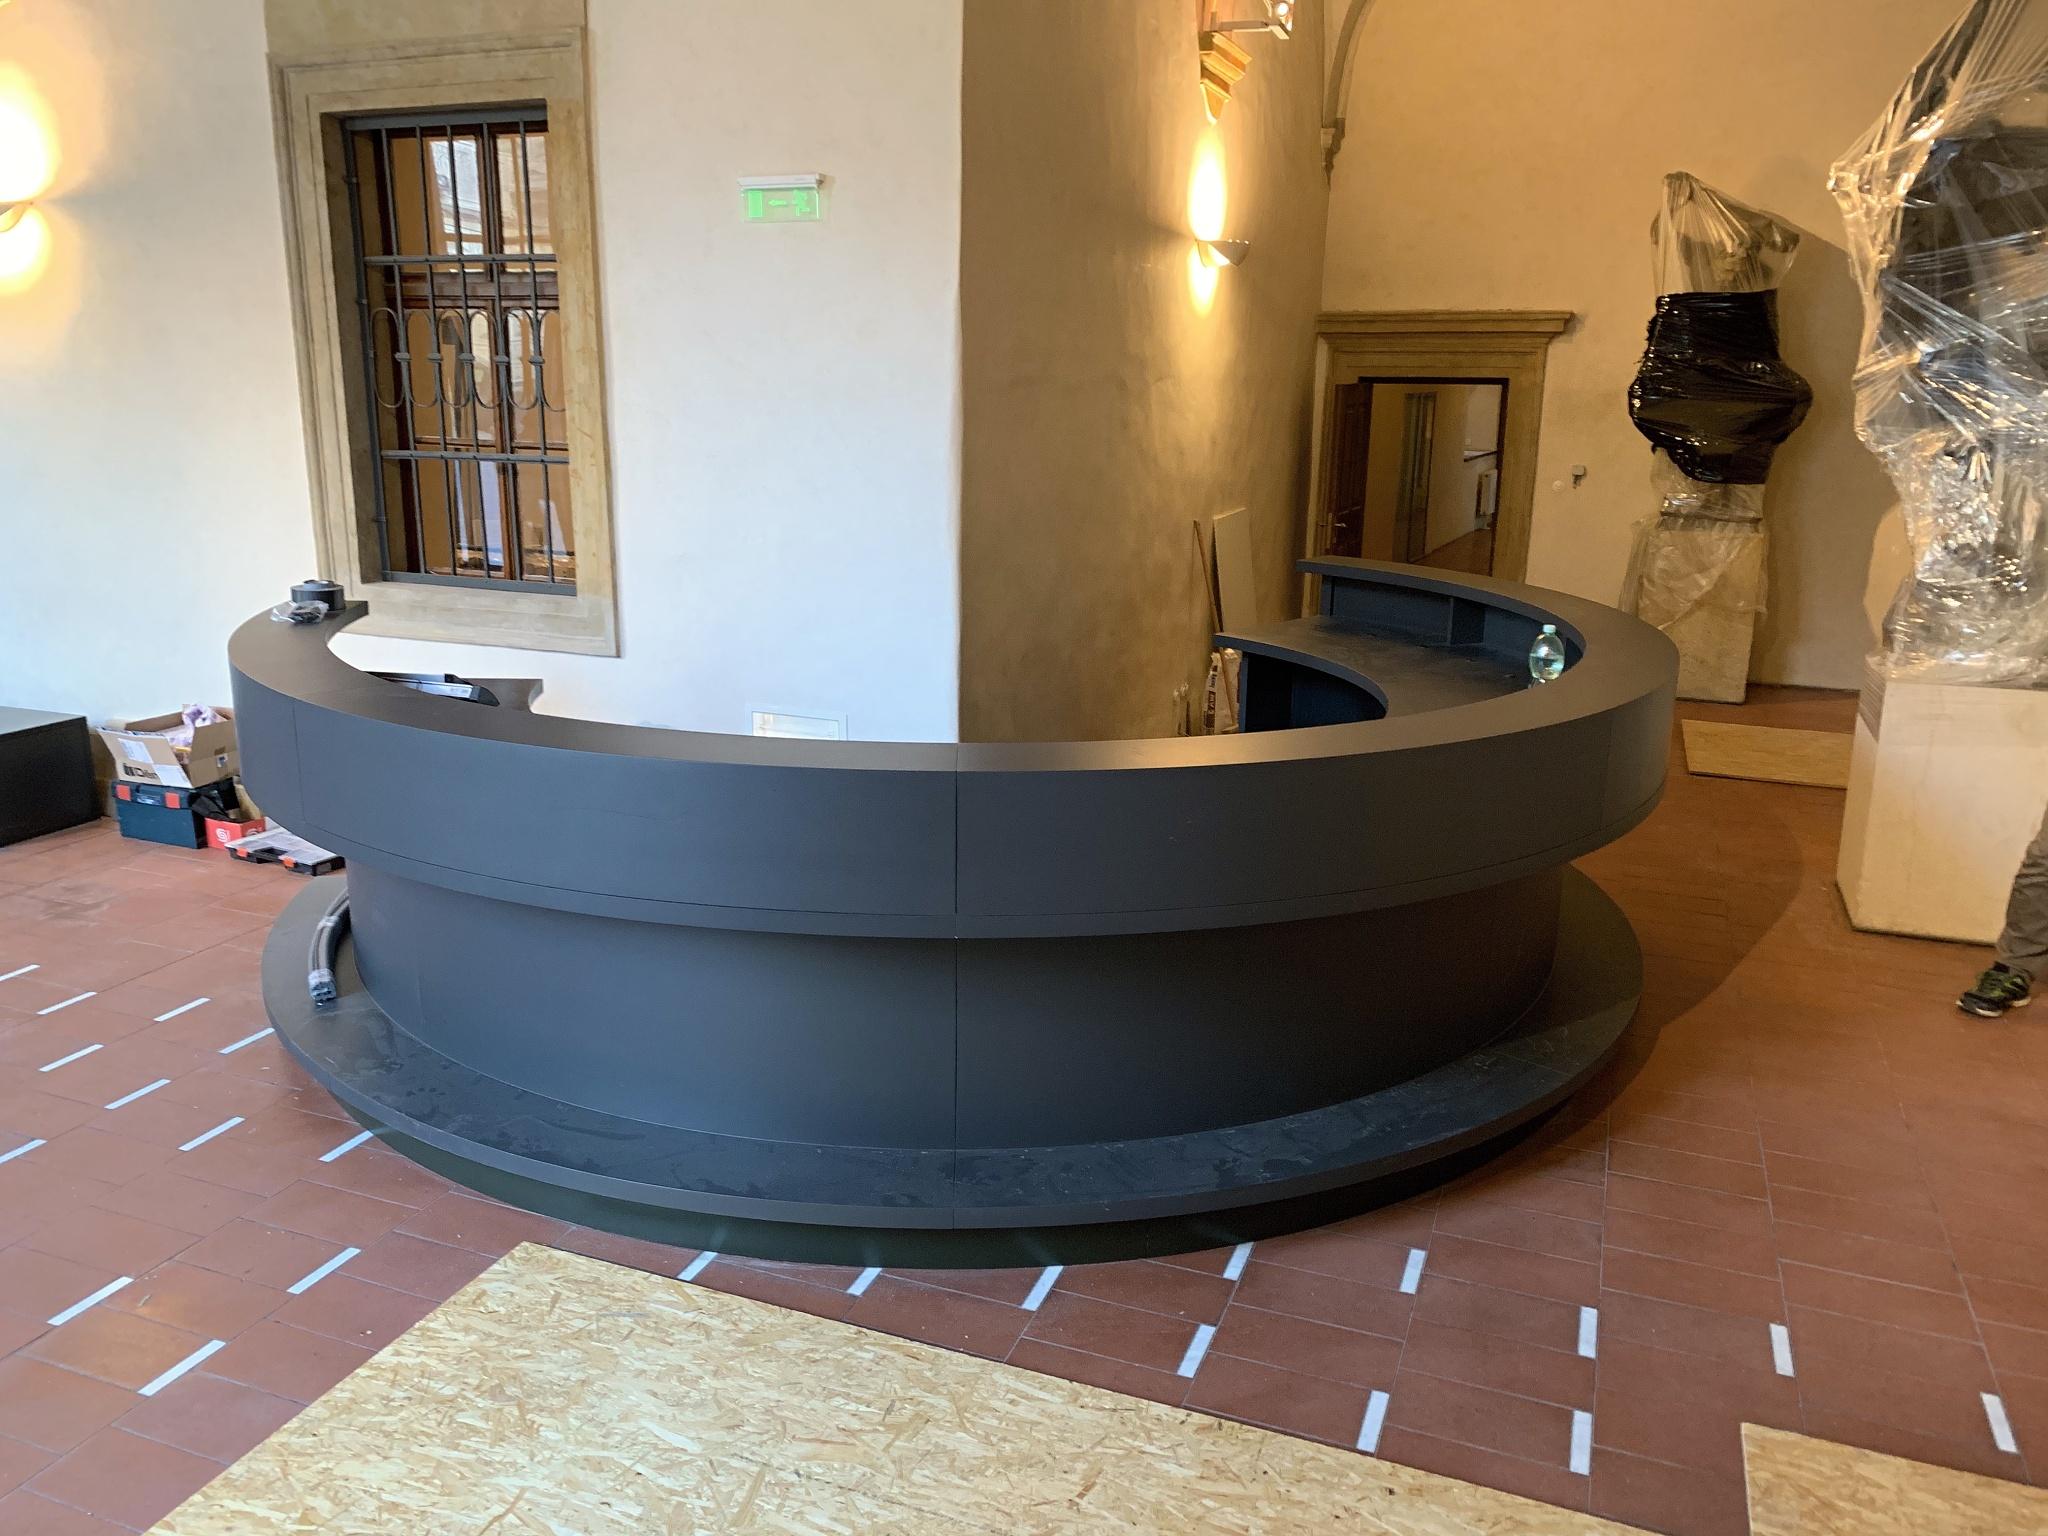 larx uhlíkové fólie  instalace recepce národni galerie